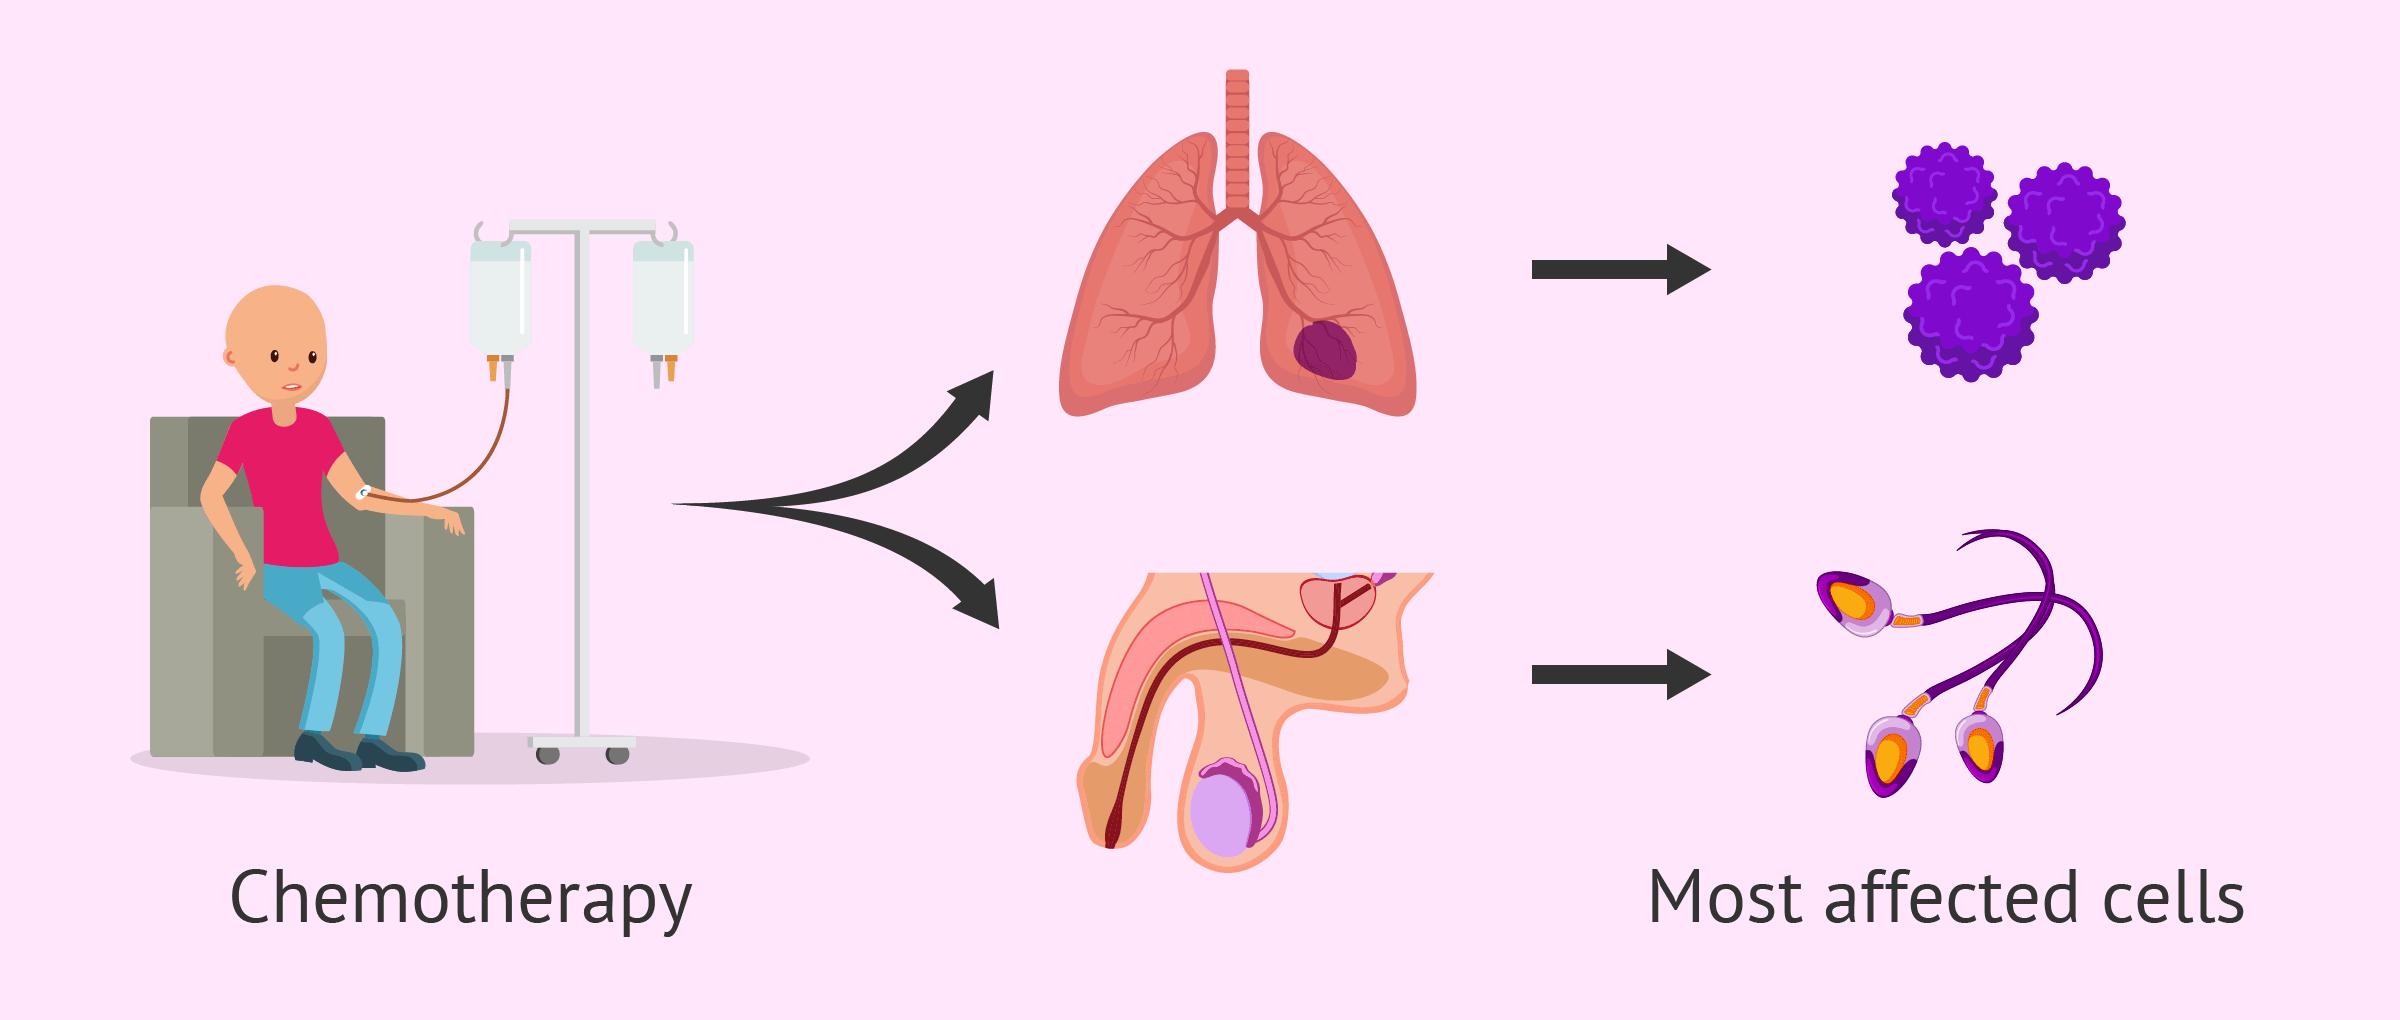 Chemotherapy masculine fertility